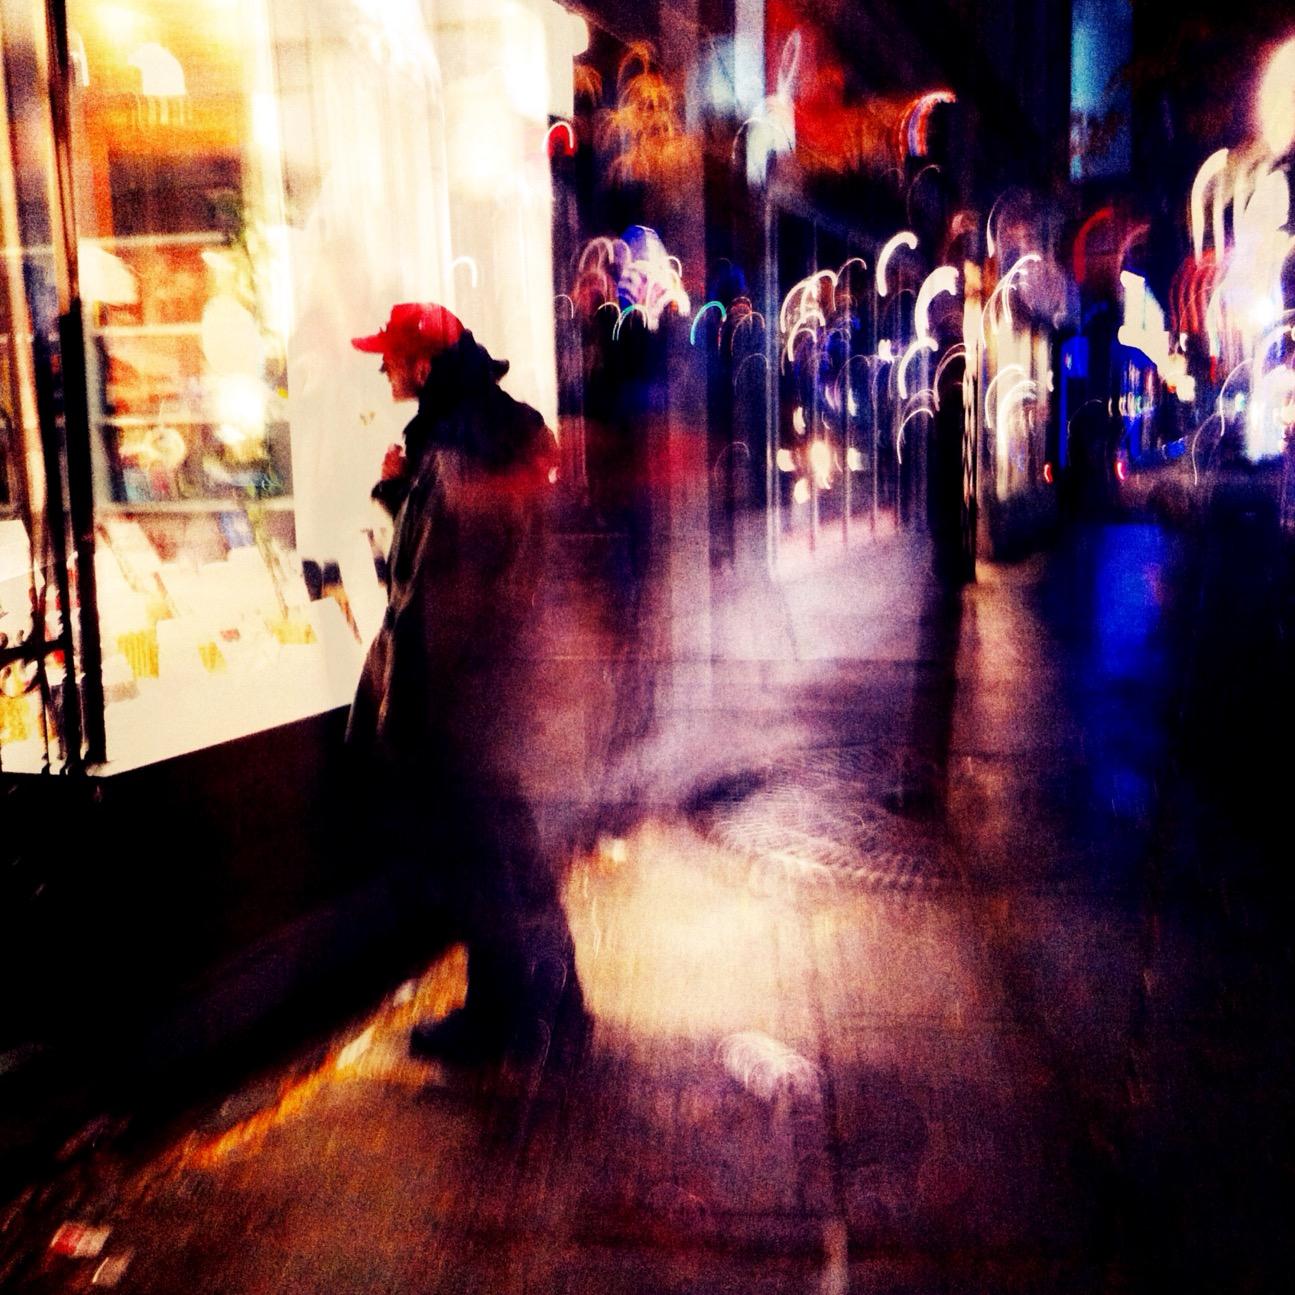 The Window Shopper